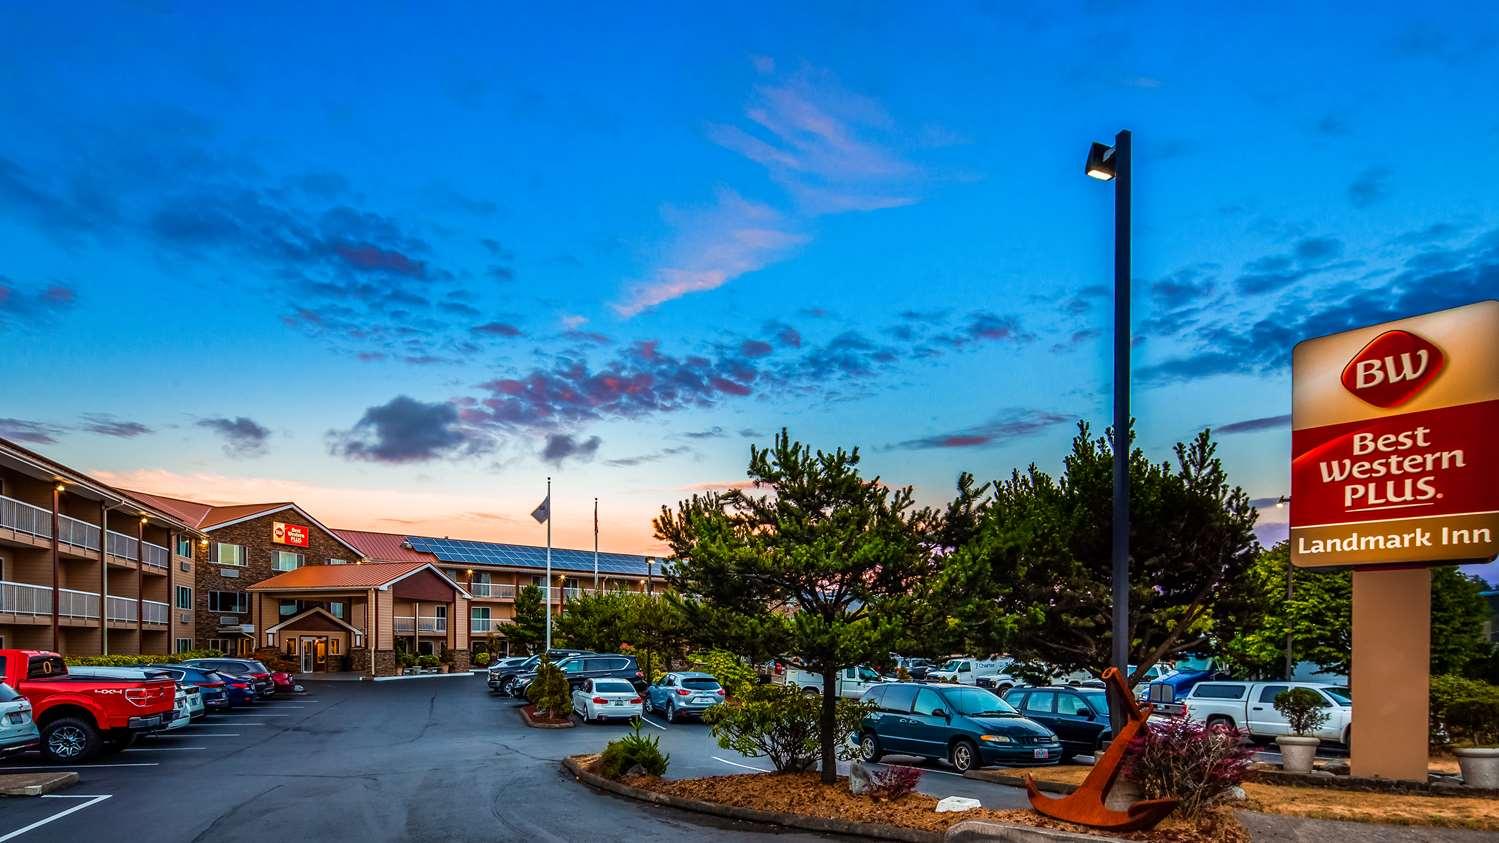 Best Western Landmark Inn.jpg